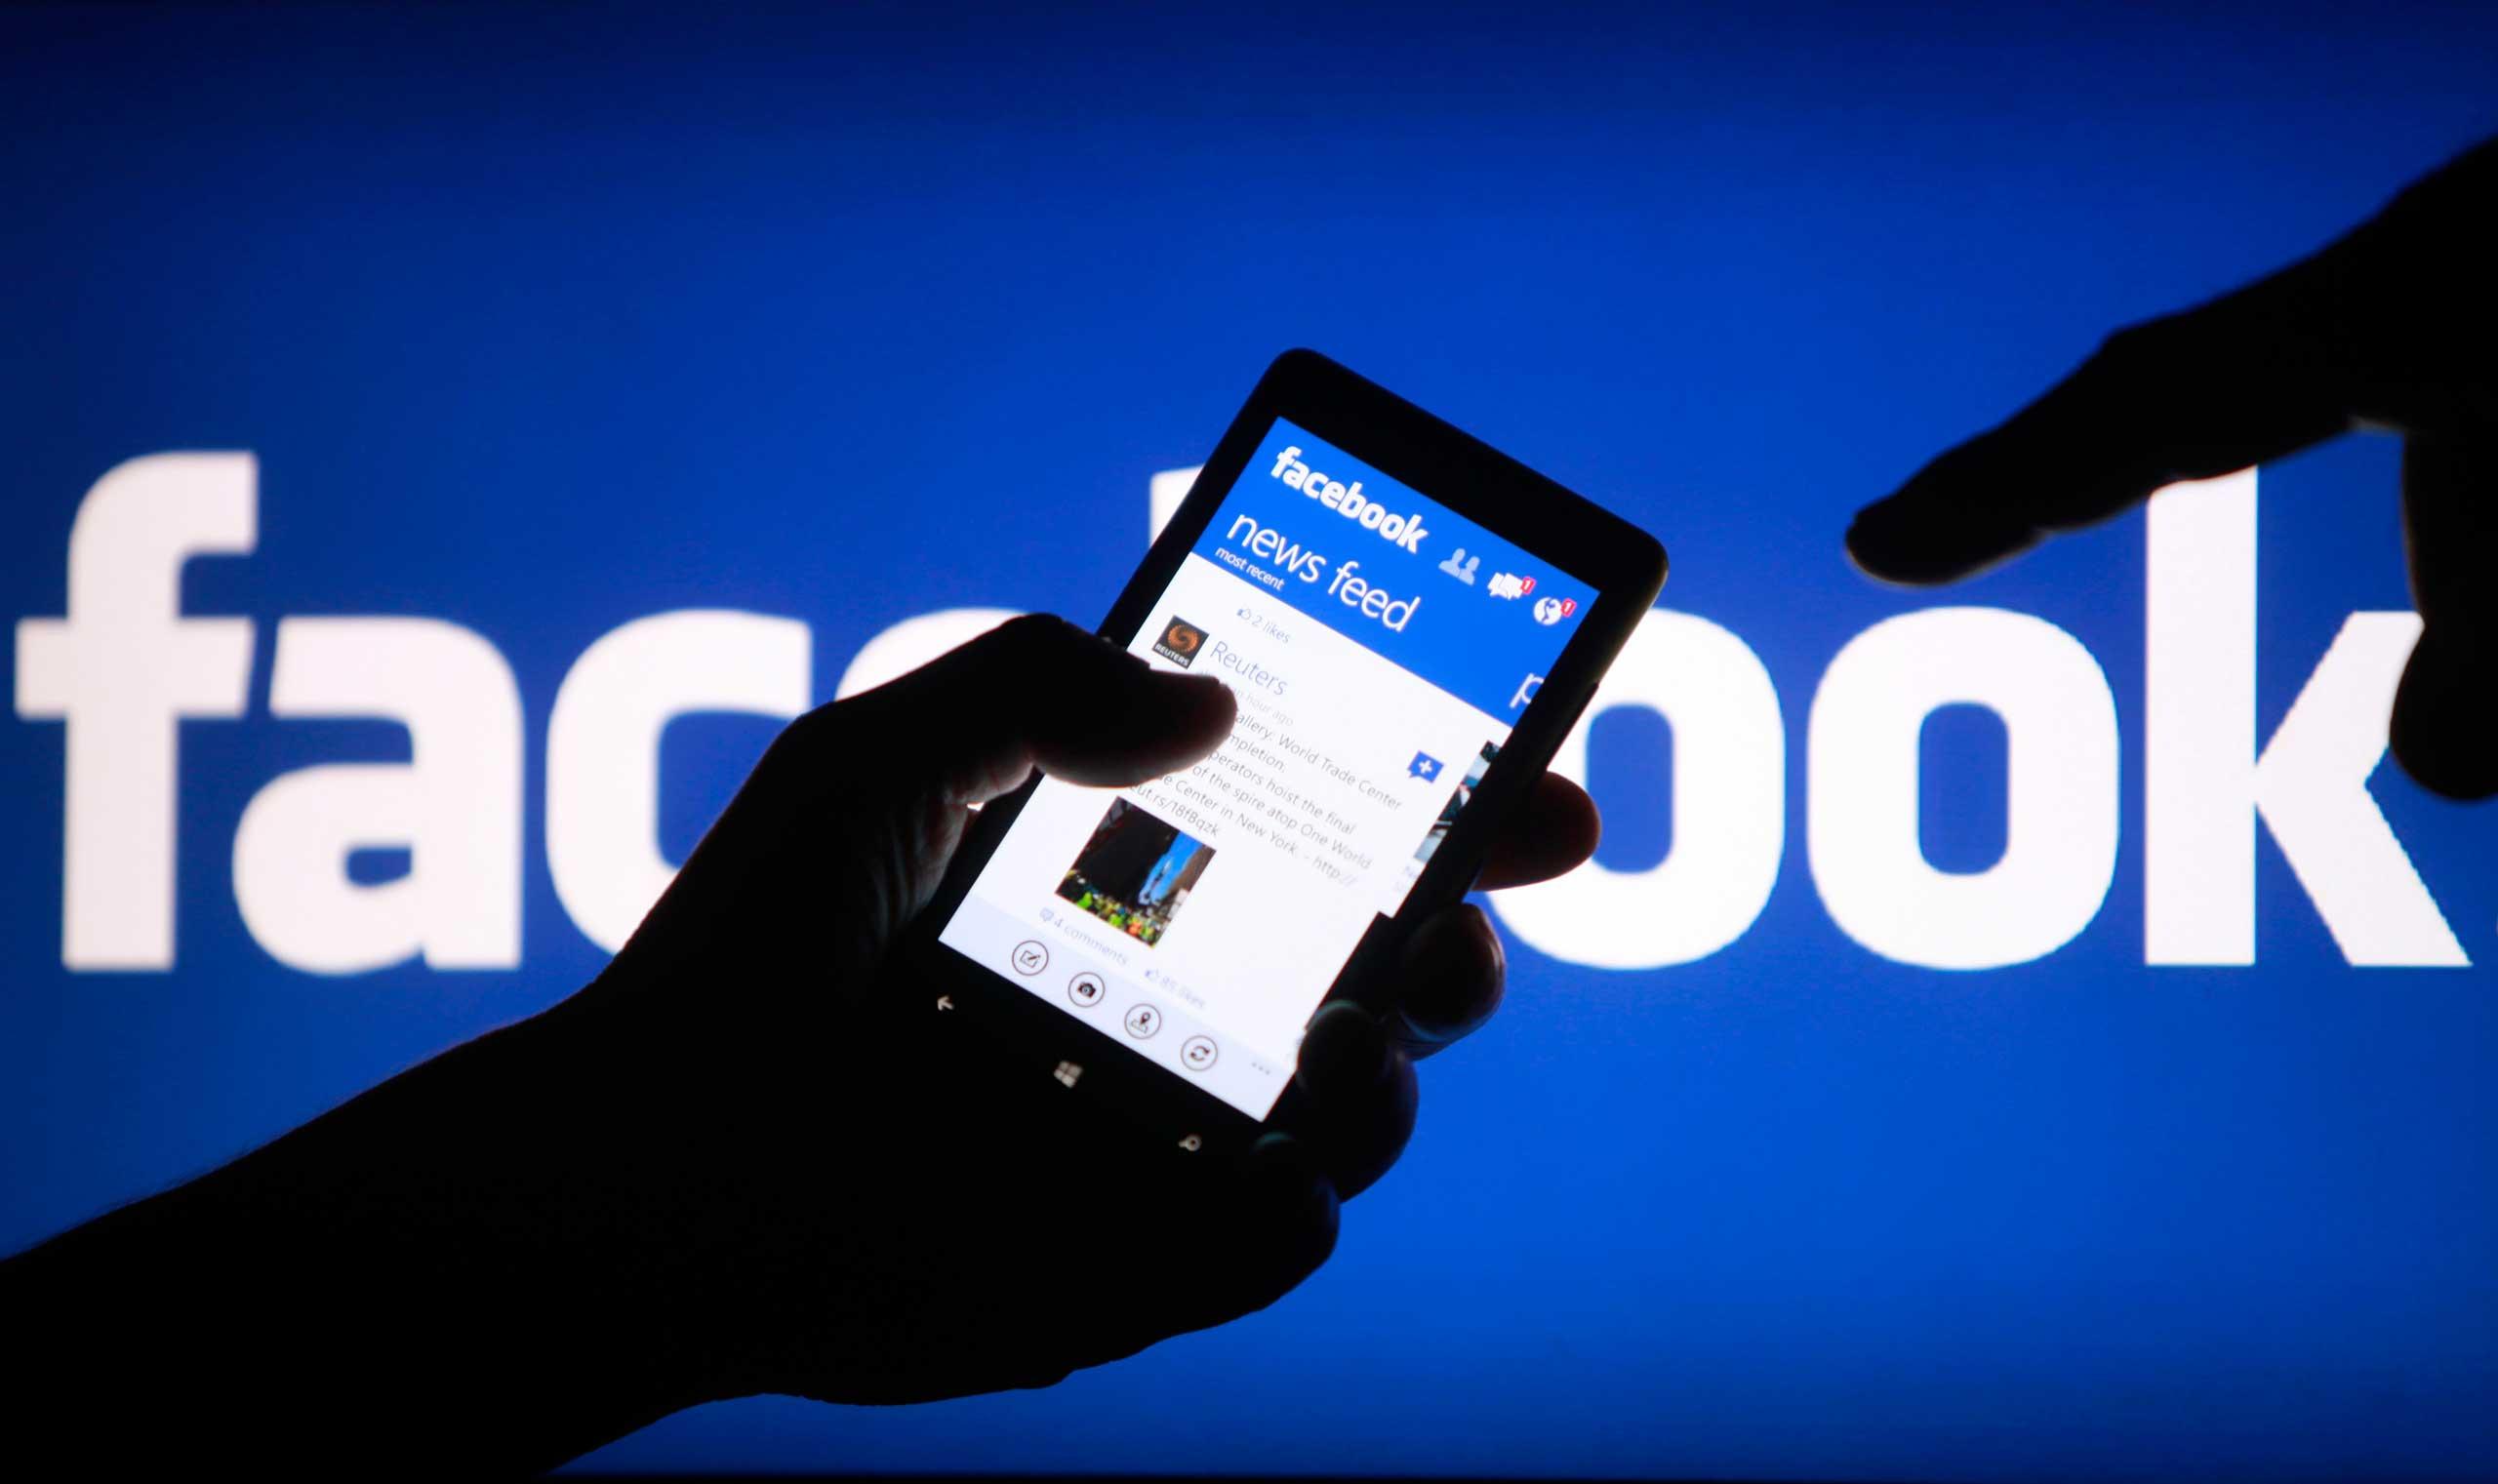 Фейсбук, распознавание лиц и другие казусы